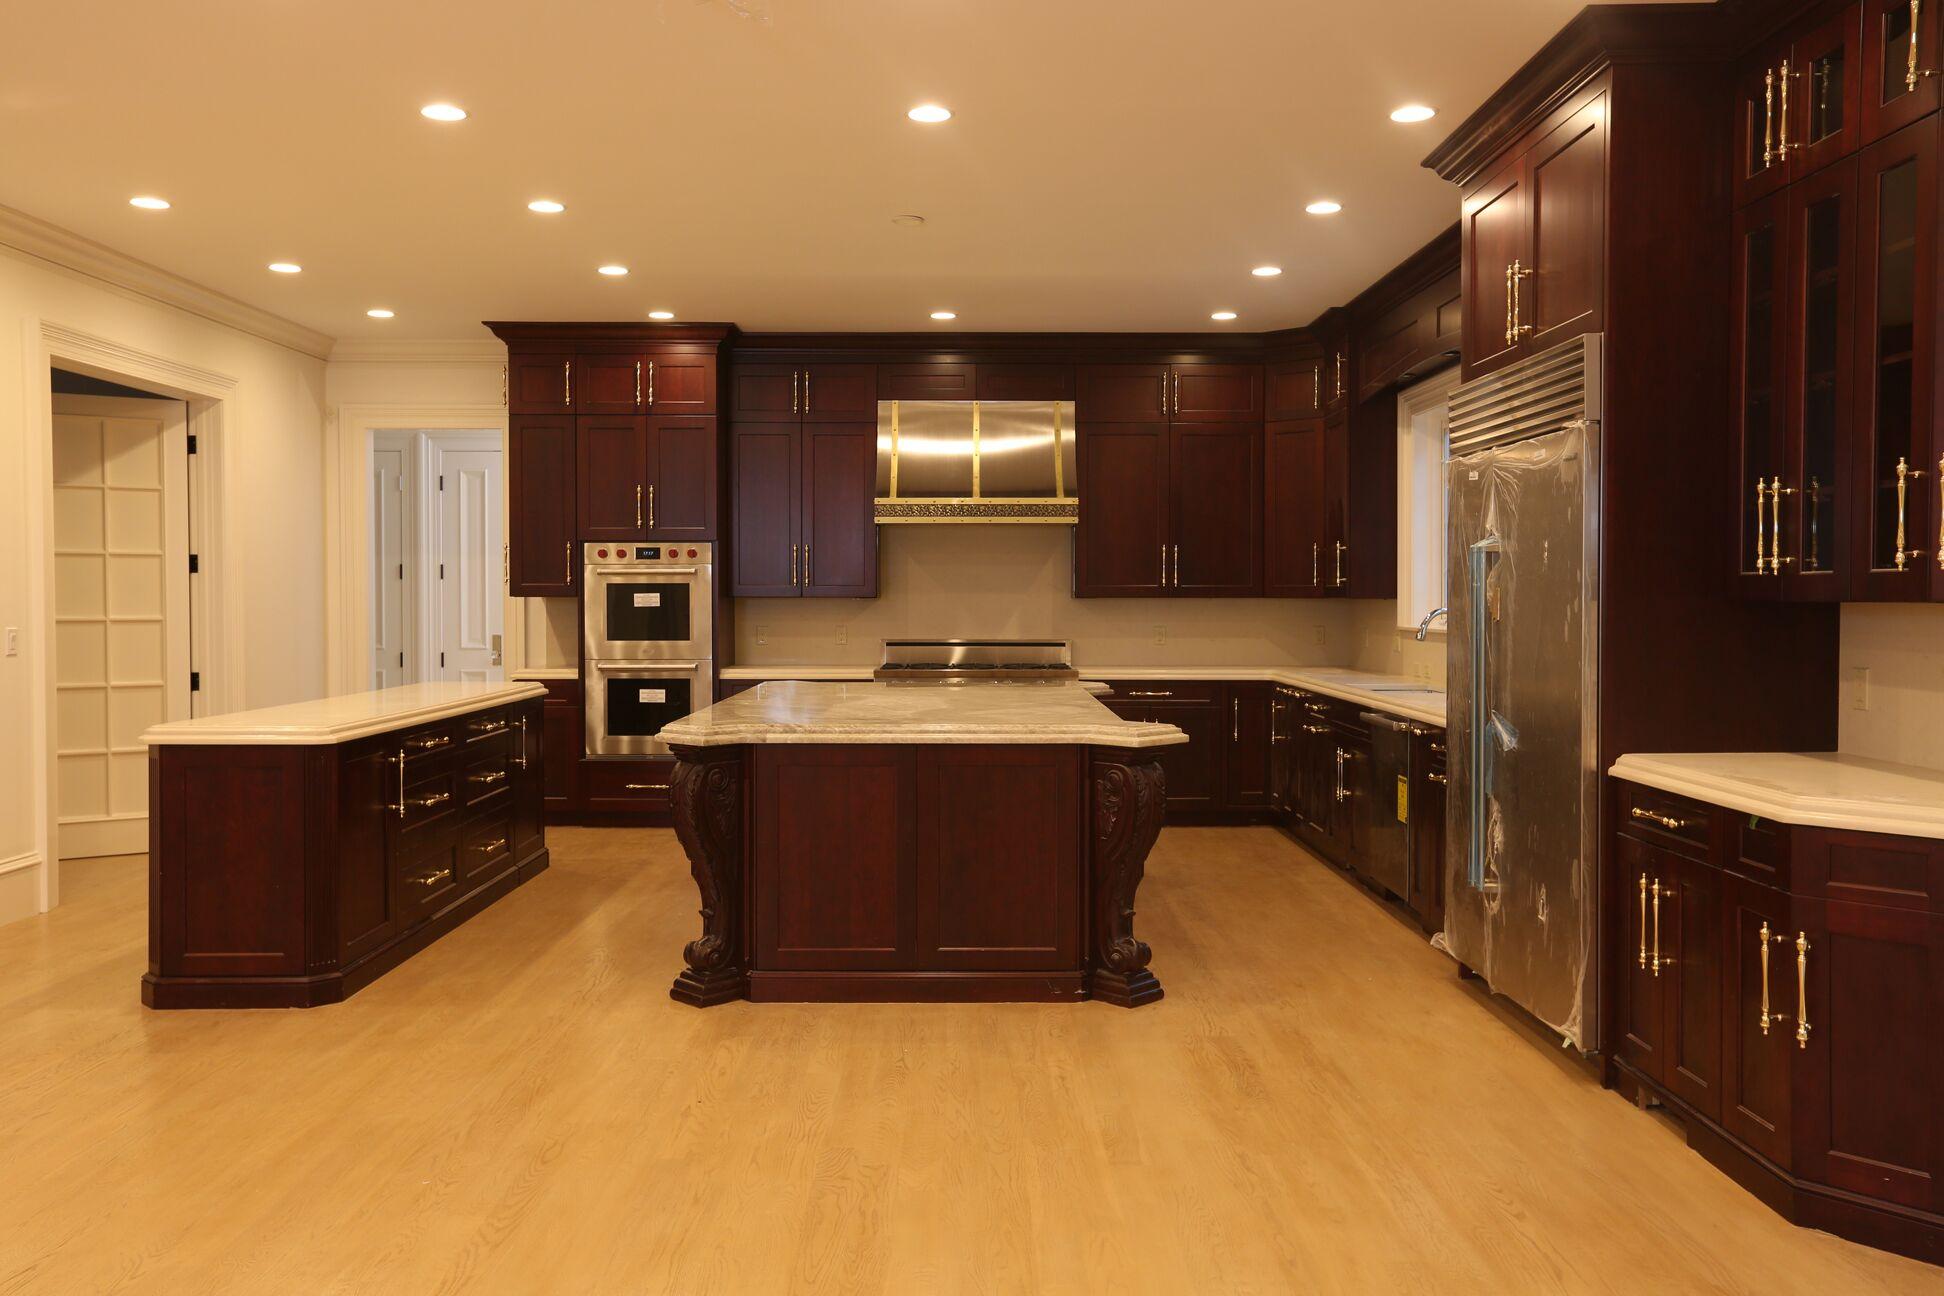 90 yarmouth kitchen 3.jpeg